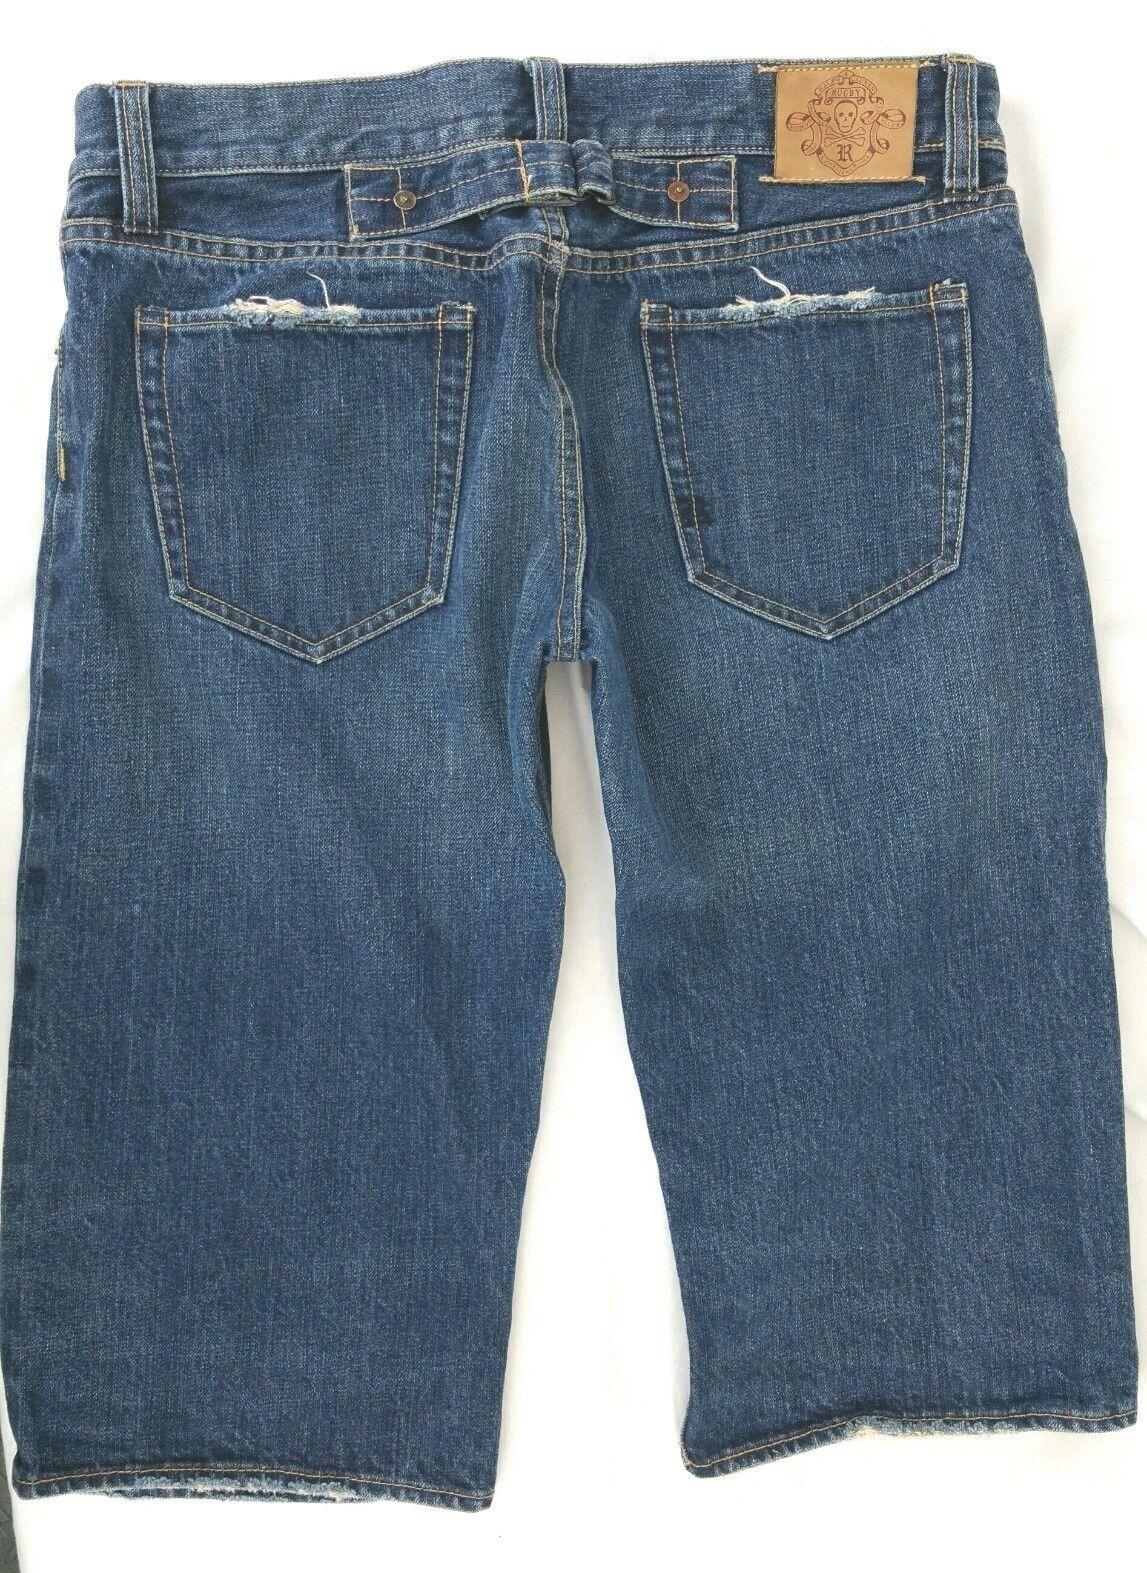 Ralph Lauren Rugby Denim Jean Bermuda Shorts 100% Cotton bluee Distressed Mens 29